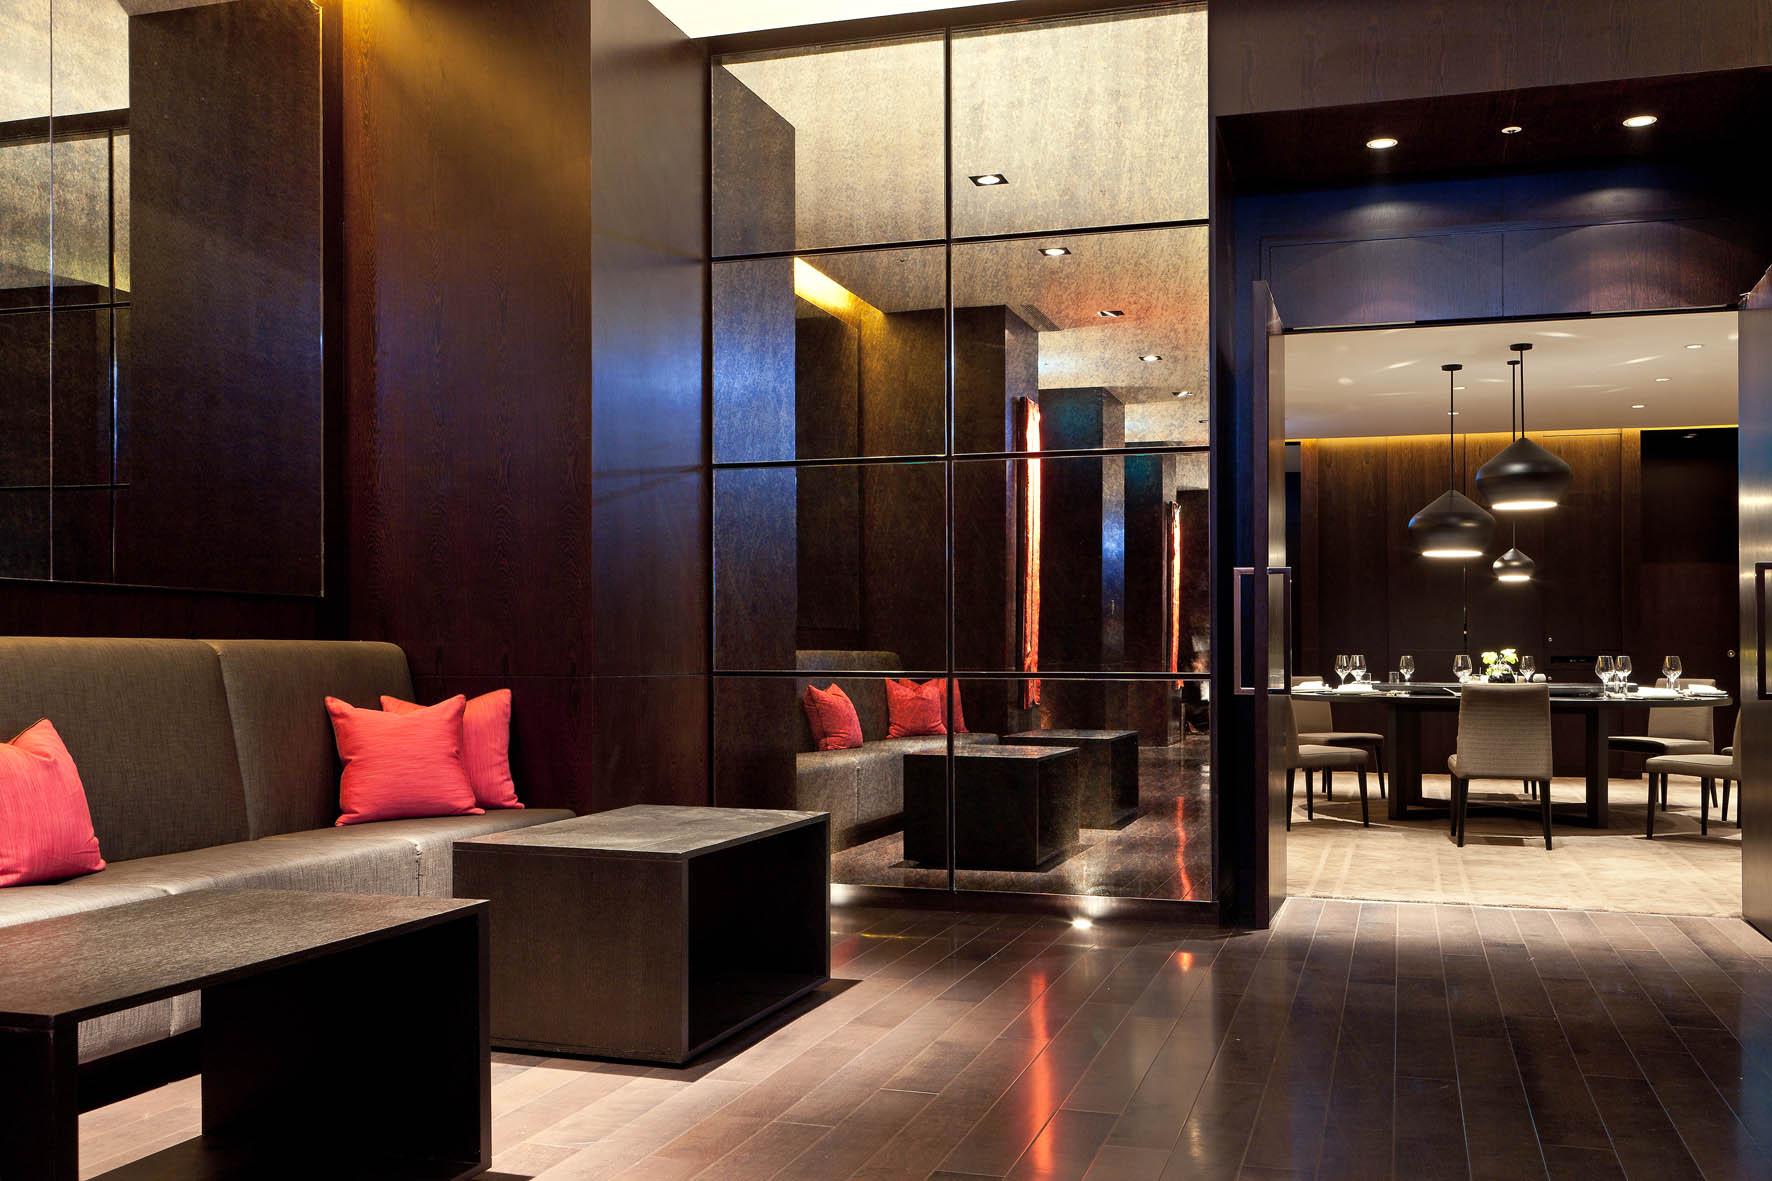 臺北寒舍艾美酒店 - 寒舍食譜餐廳資訊 - EZTABLE提供美食餐廳24hr線上訂位服務